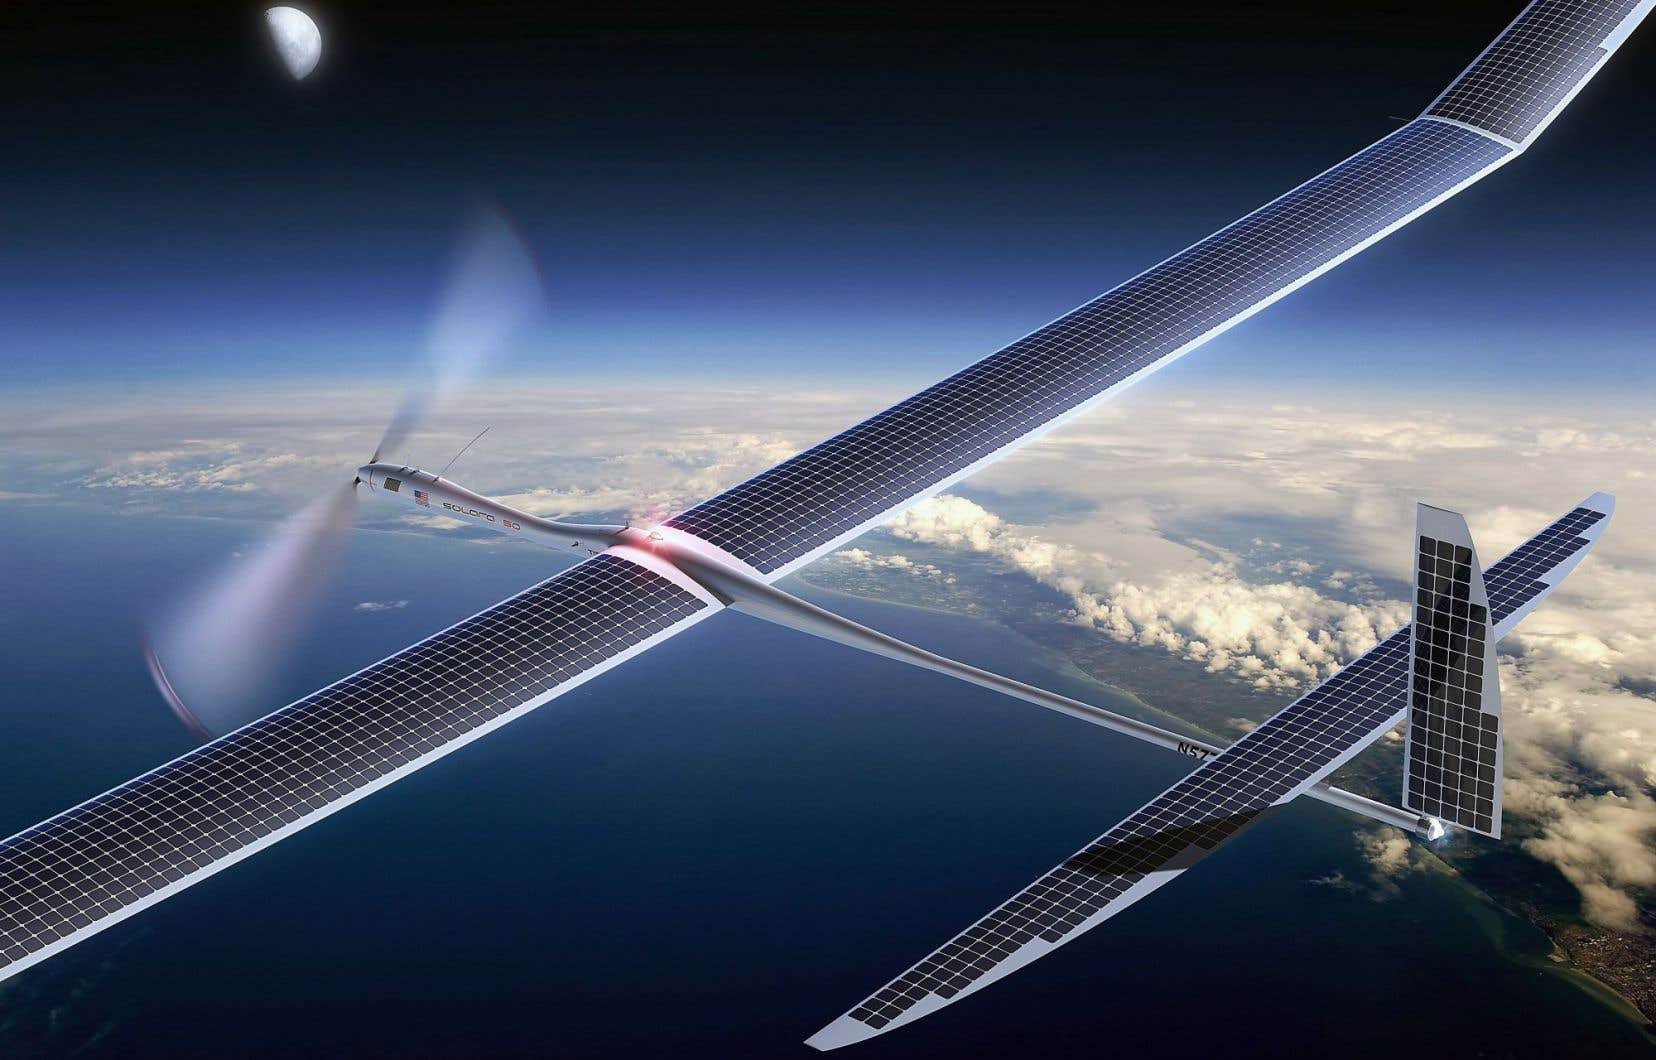 Vue d'un drone équipé de capteurs solaires pour connecter à Internet les régions les plus reculées du monde